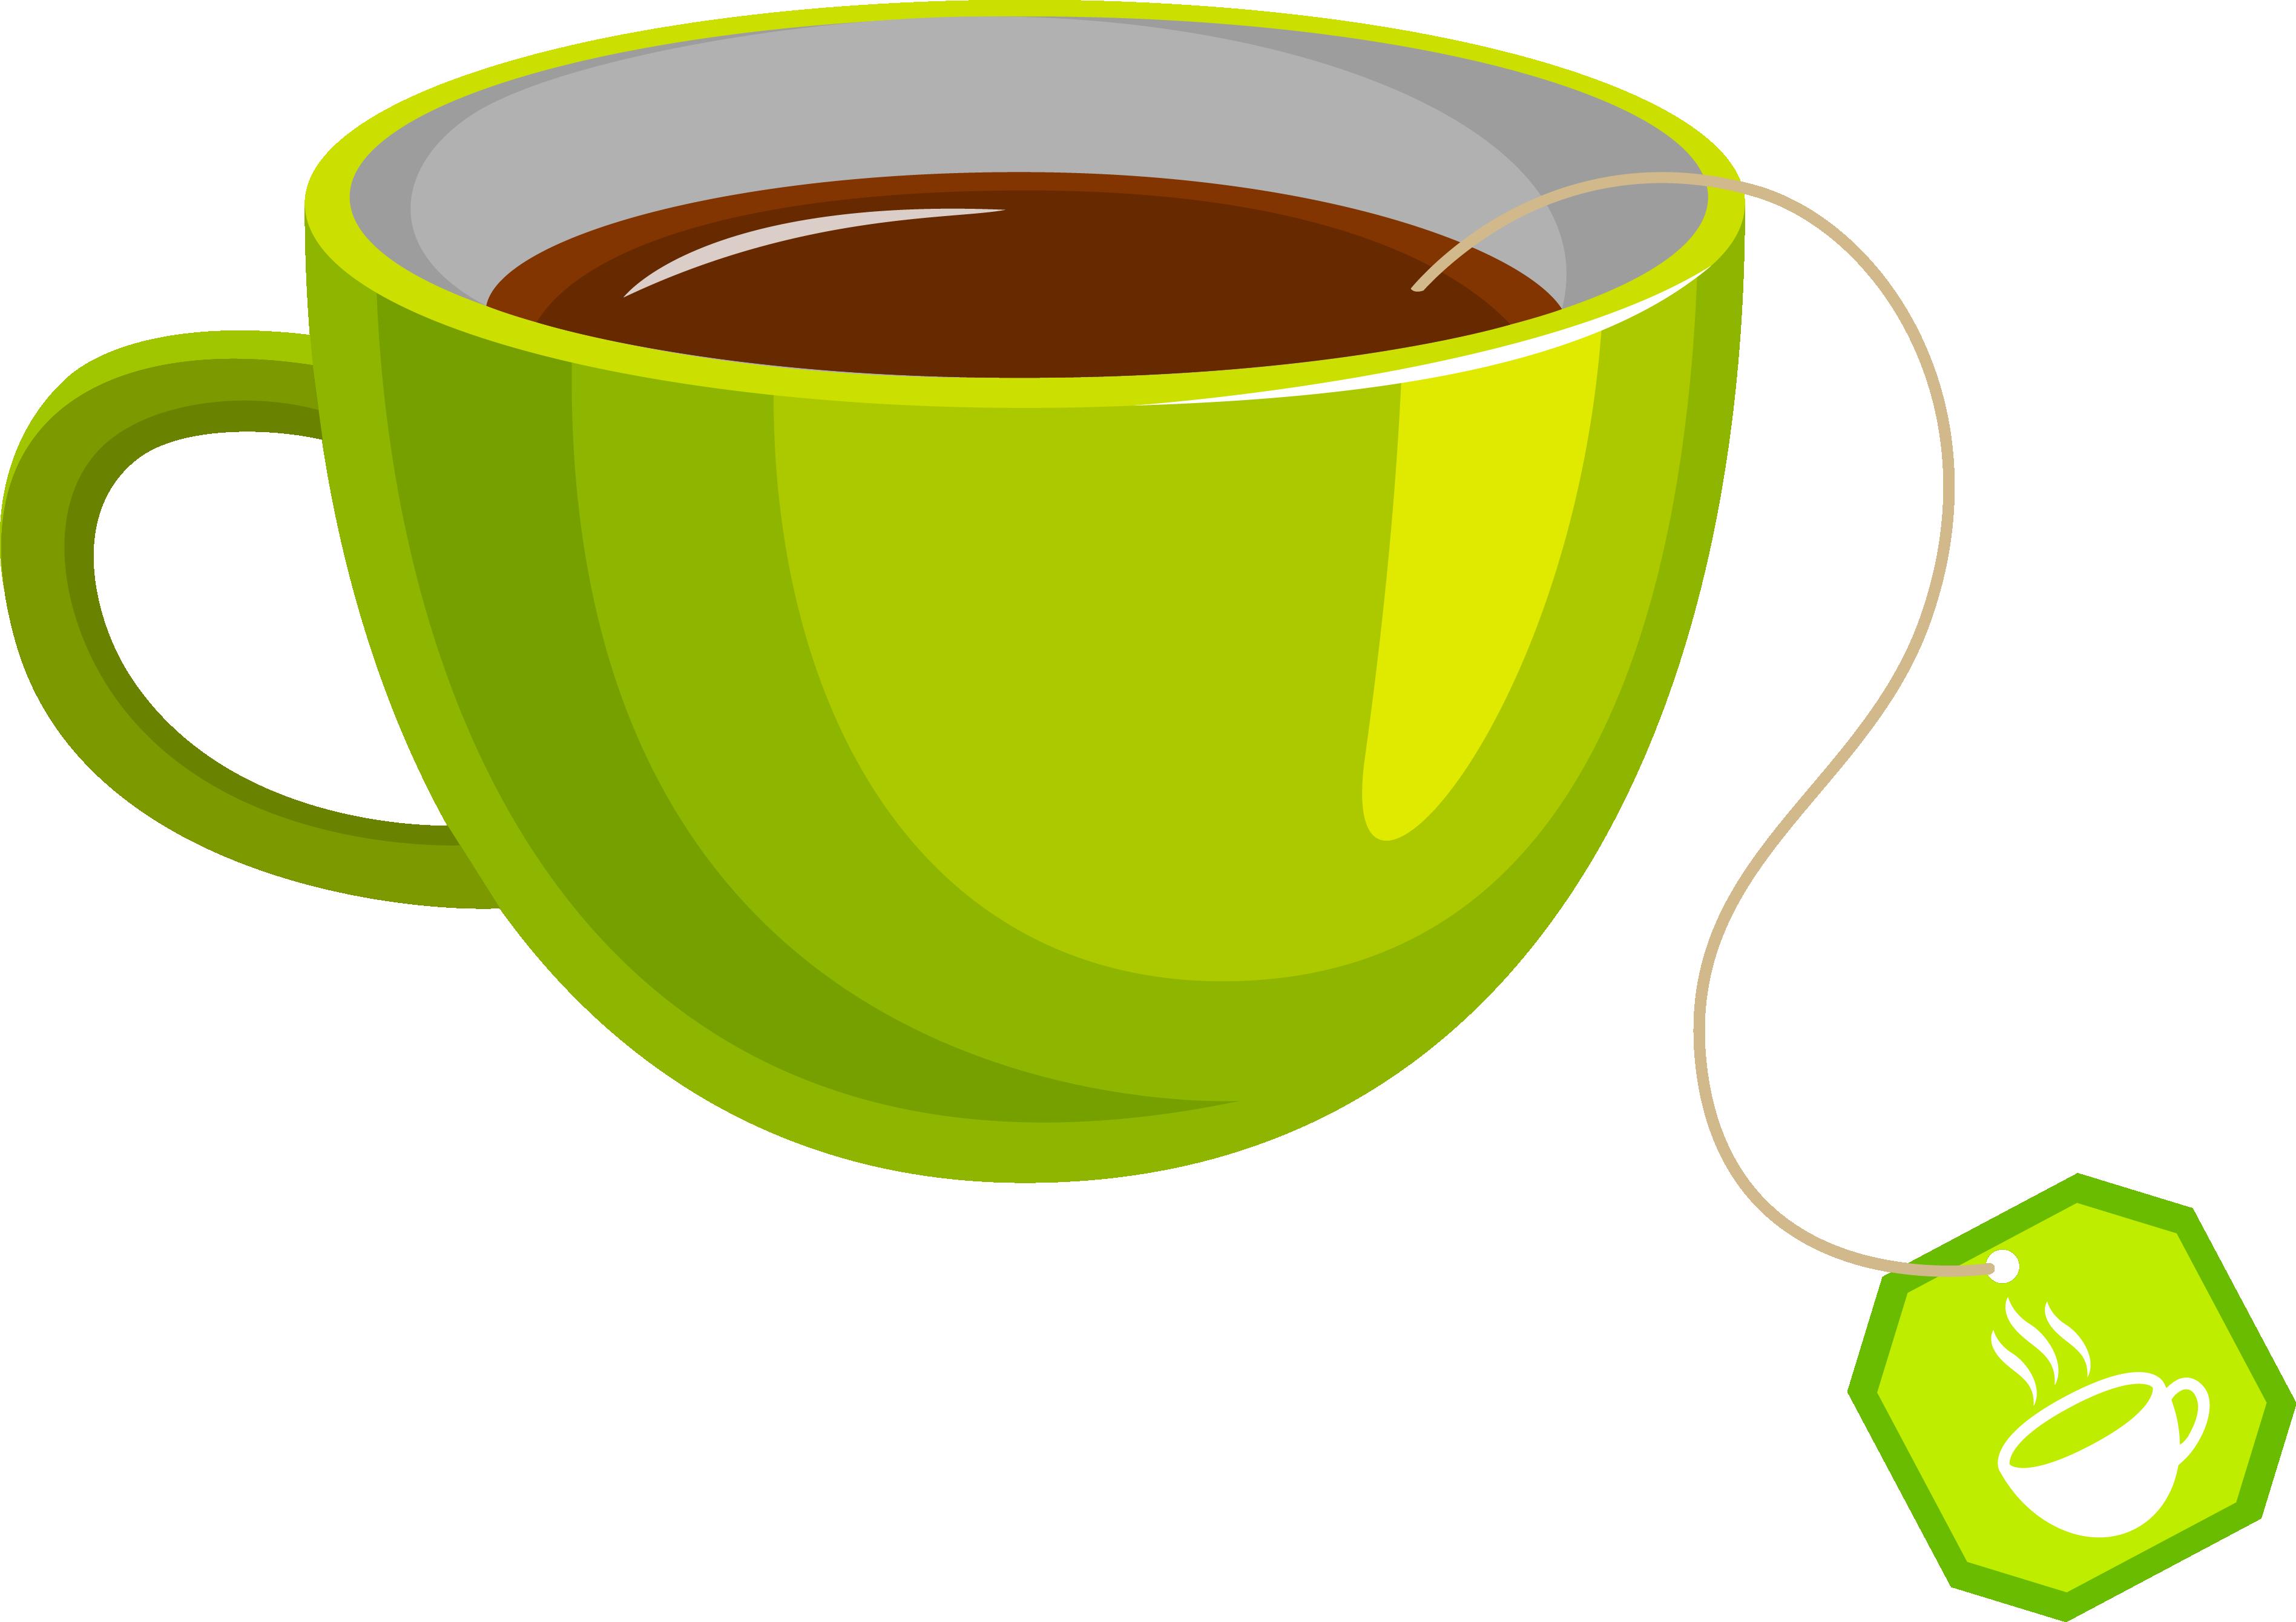 3793x2680 Tea Cup Vector Download